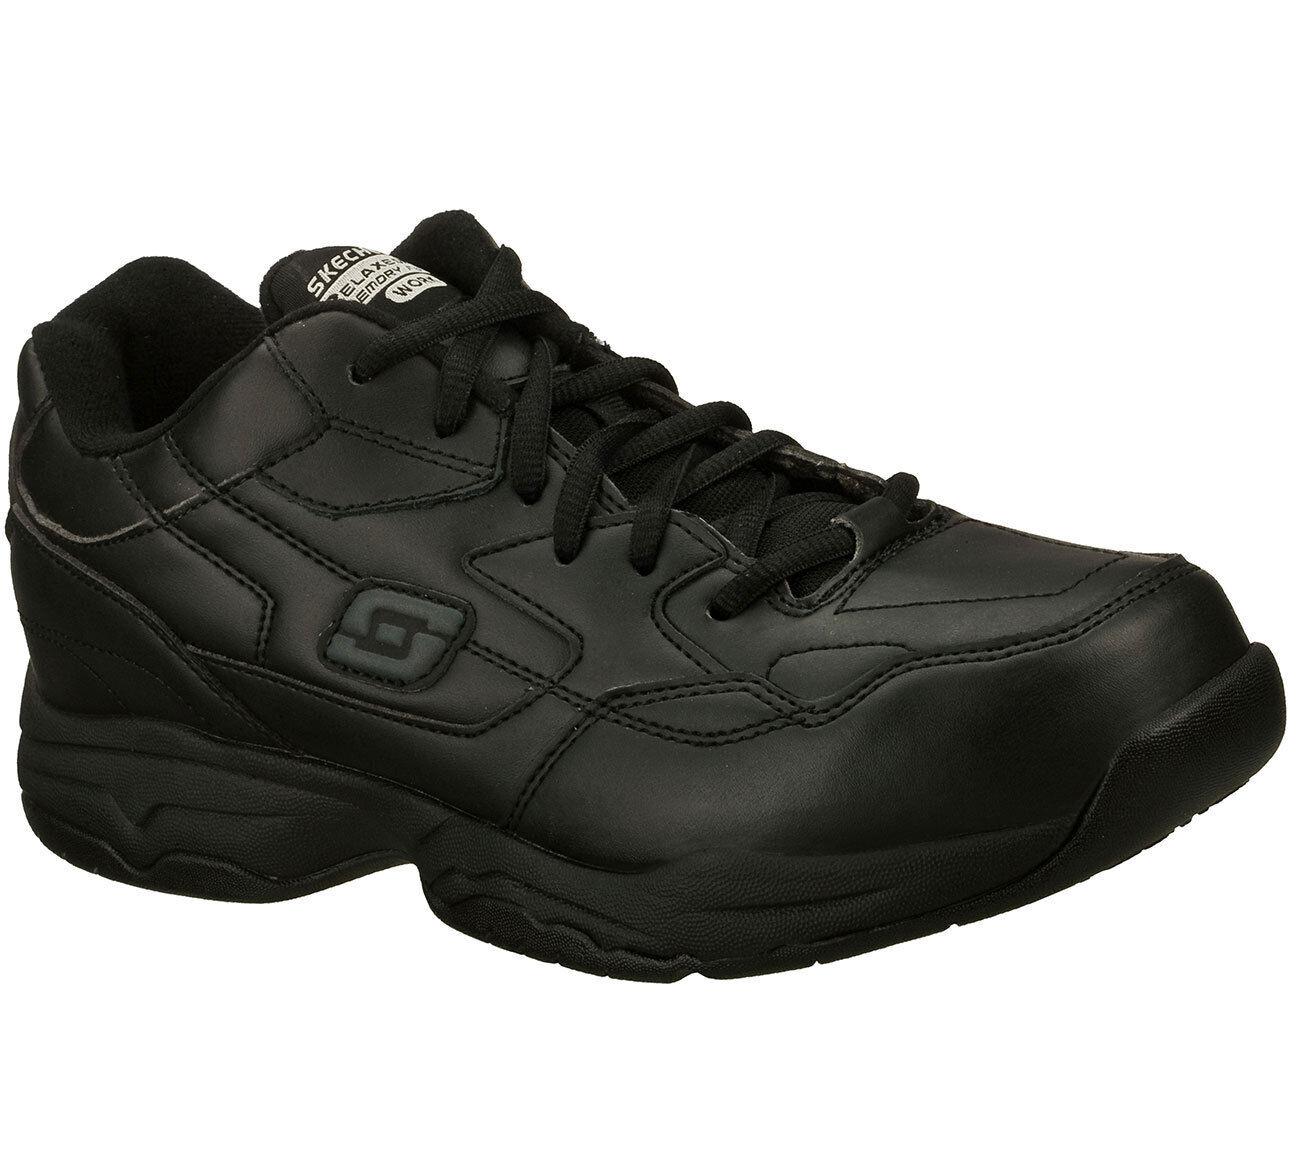 Skechers Shoes Men's Wide Width Black Memory Foam Work Slip